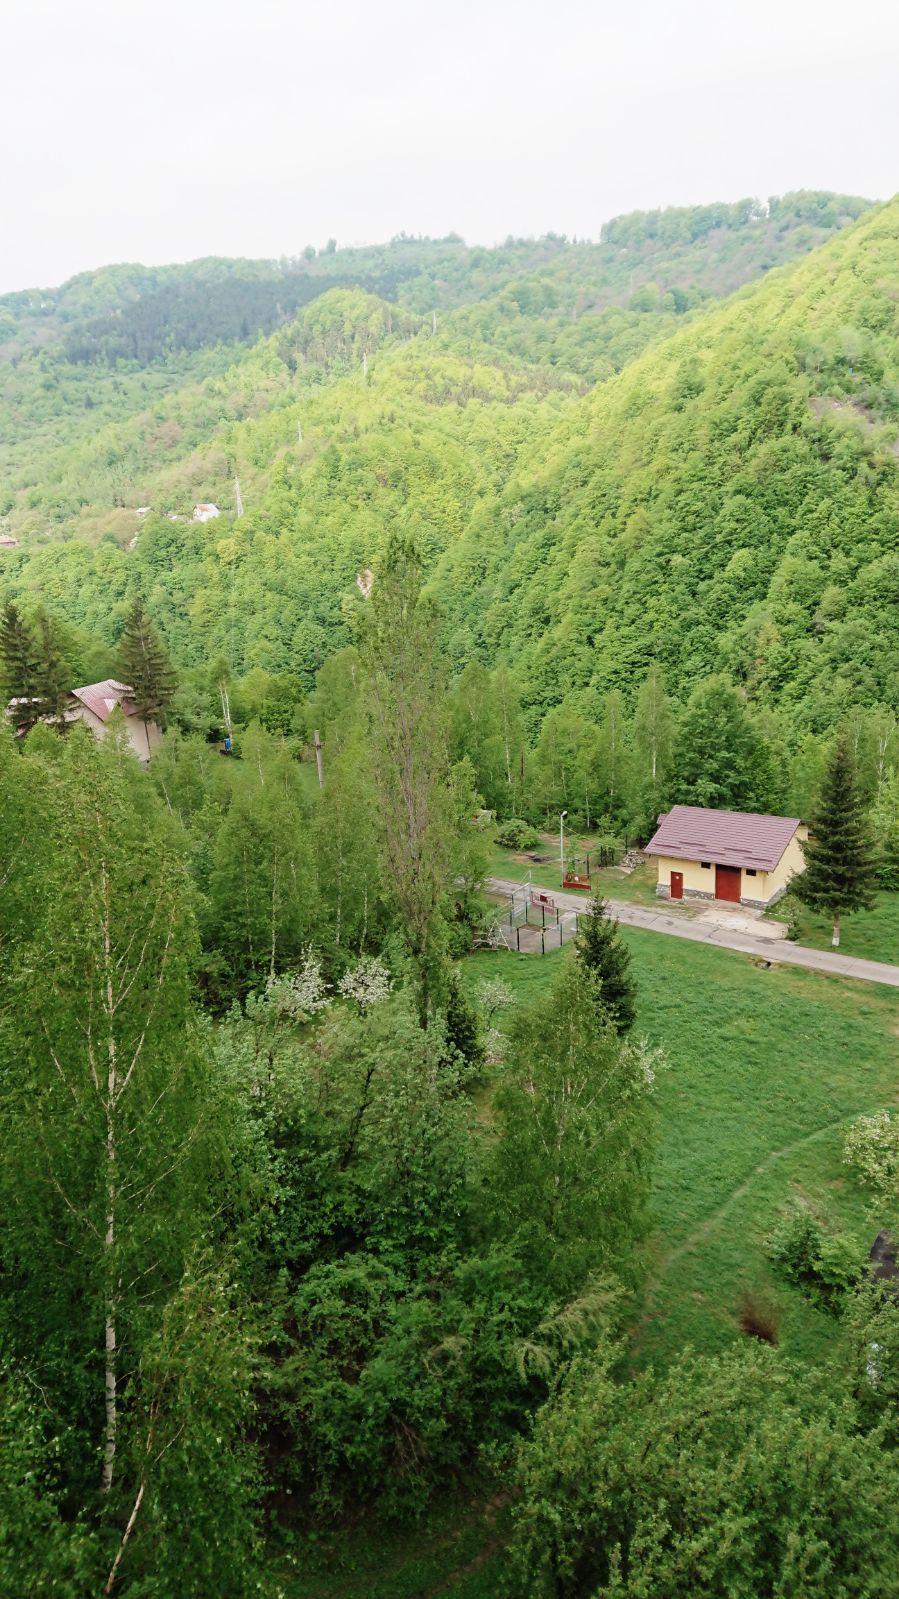 Casele de la baza barajului Paltinu